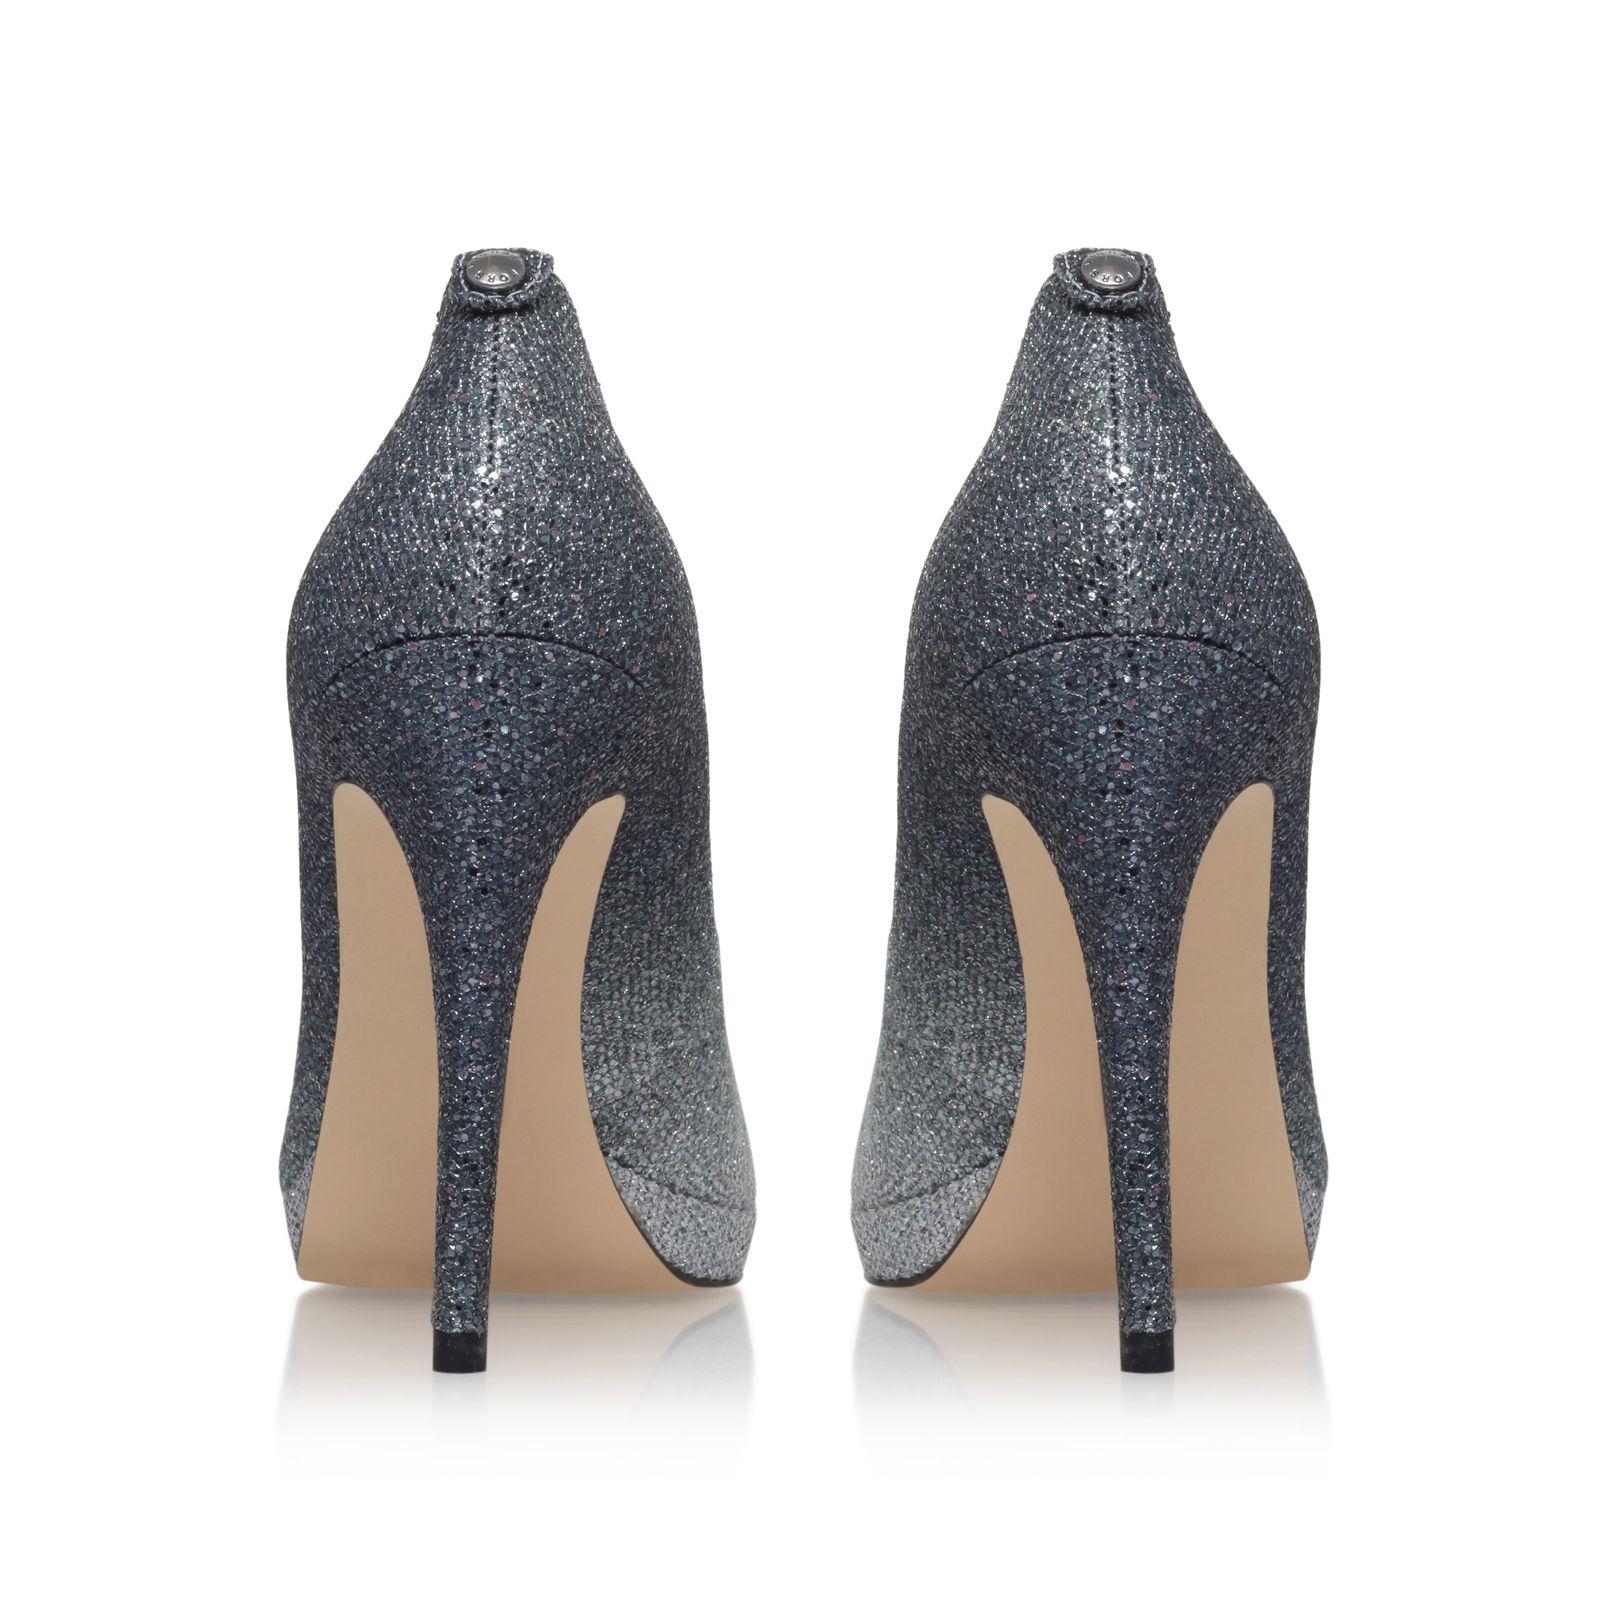 michael kors high heel court shoes in